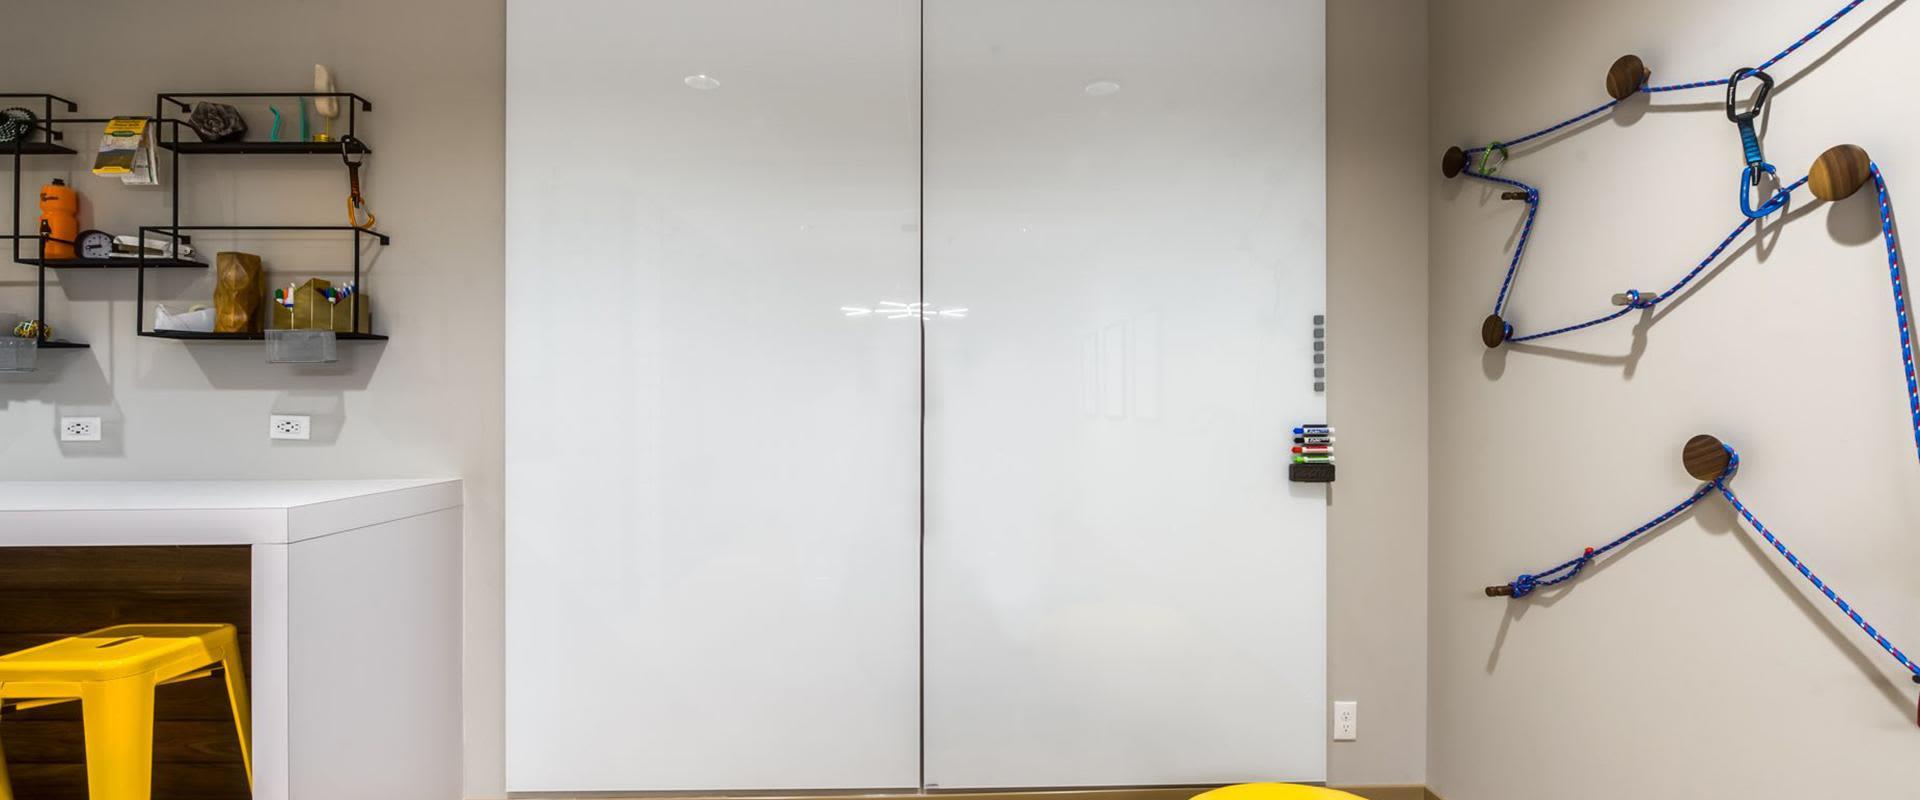 Denver Meeting Room Large Wipe Board